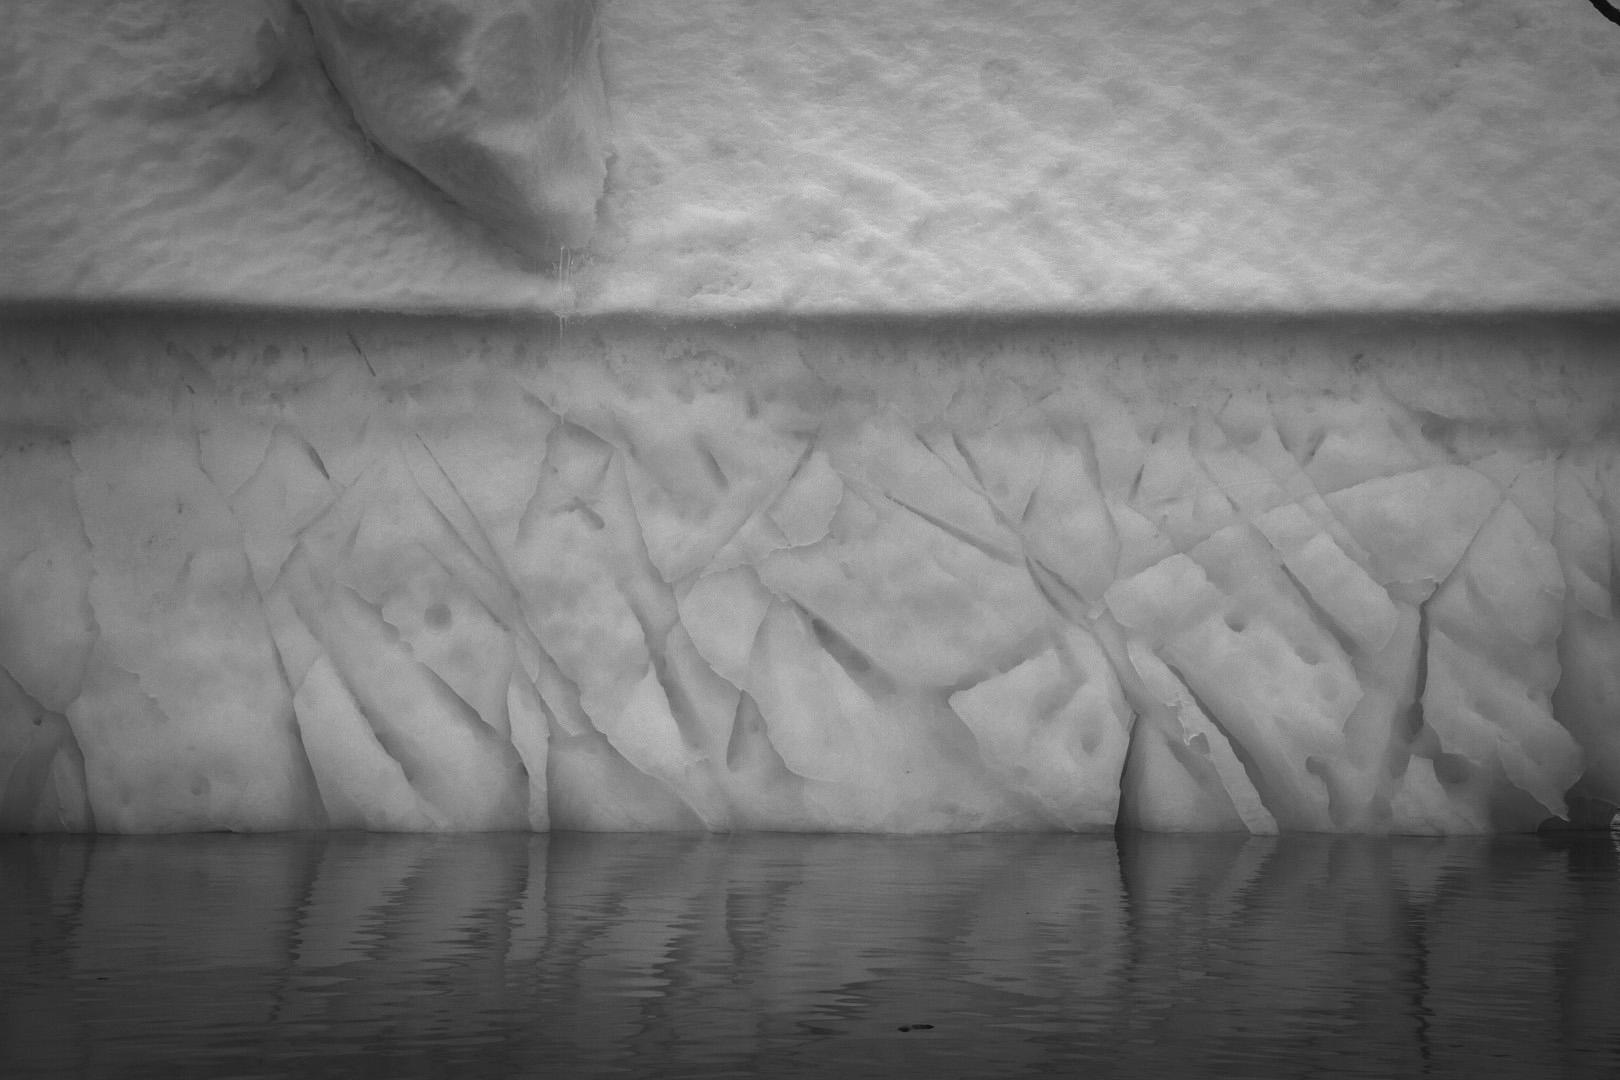 Antarctica-6361.jpg